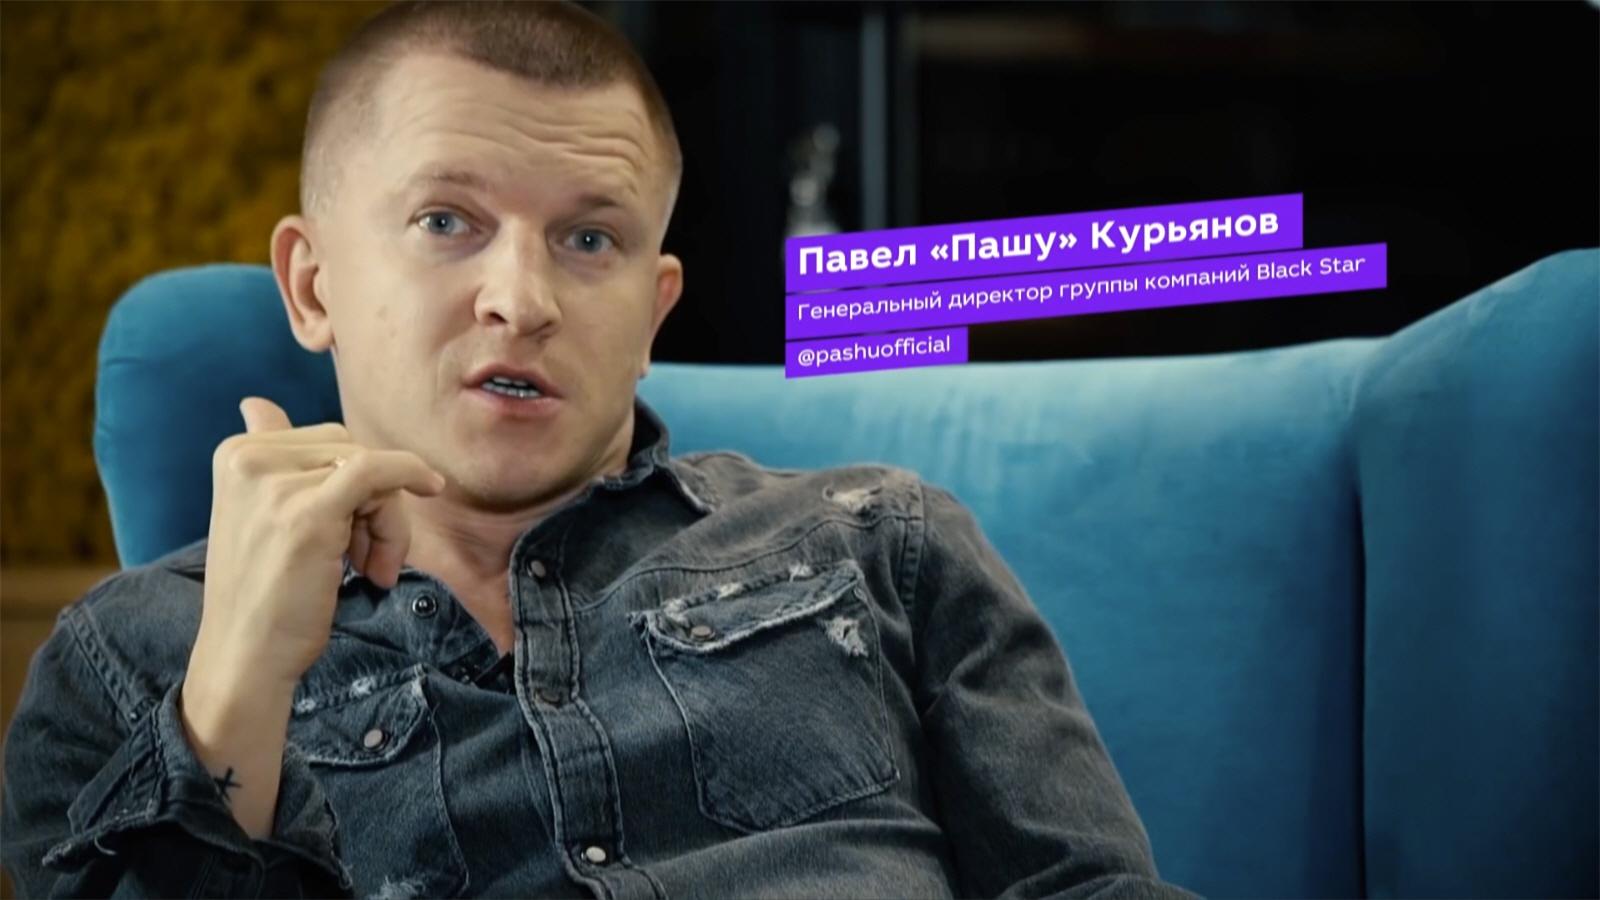 Павел Курьянов - генеральный директор группы компаний Black Star